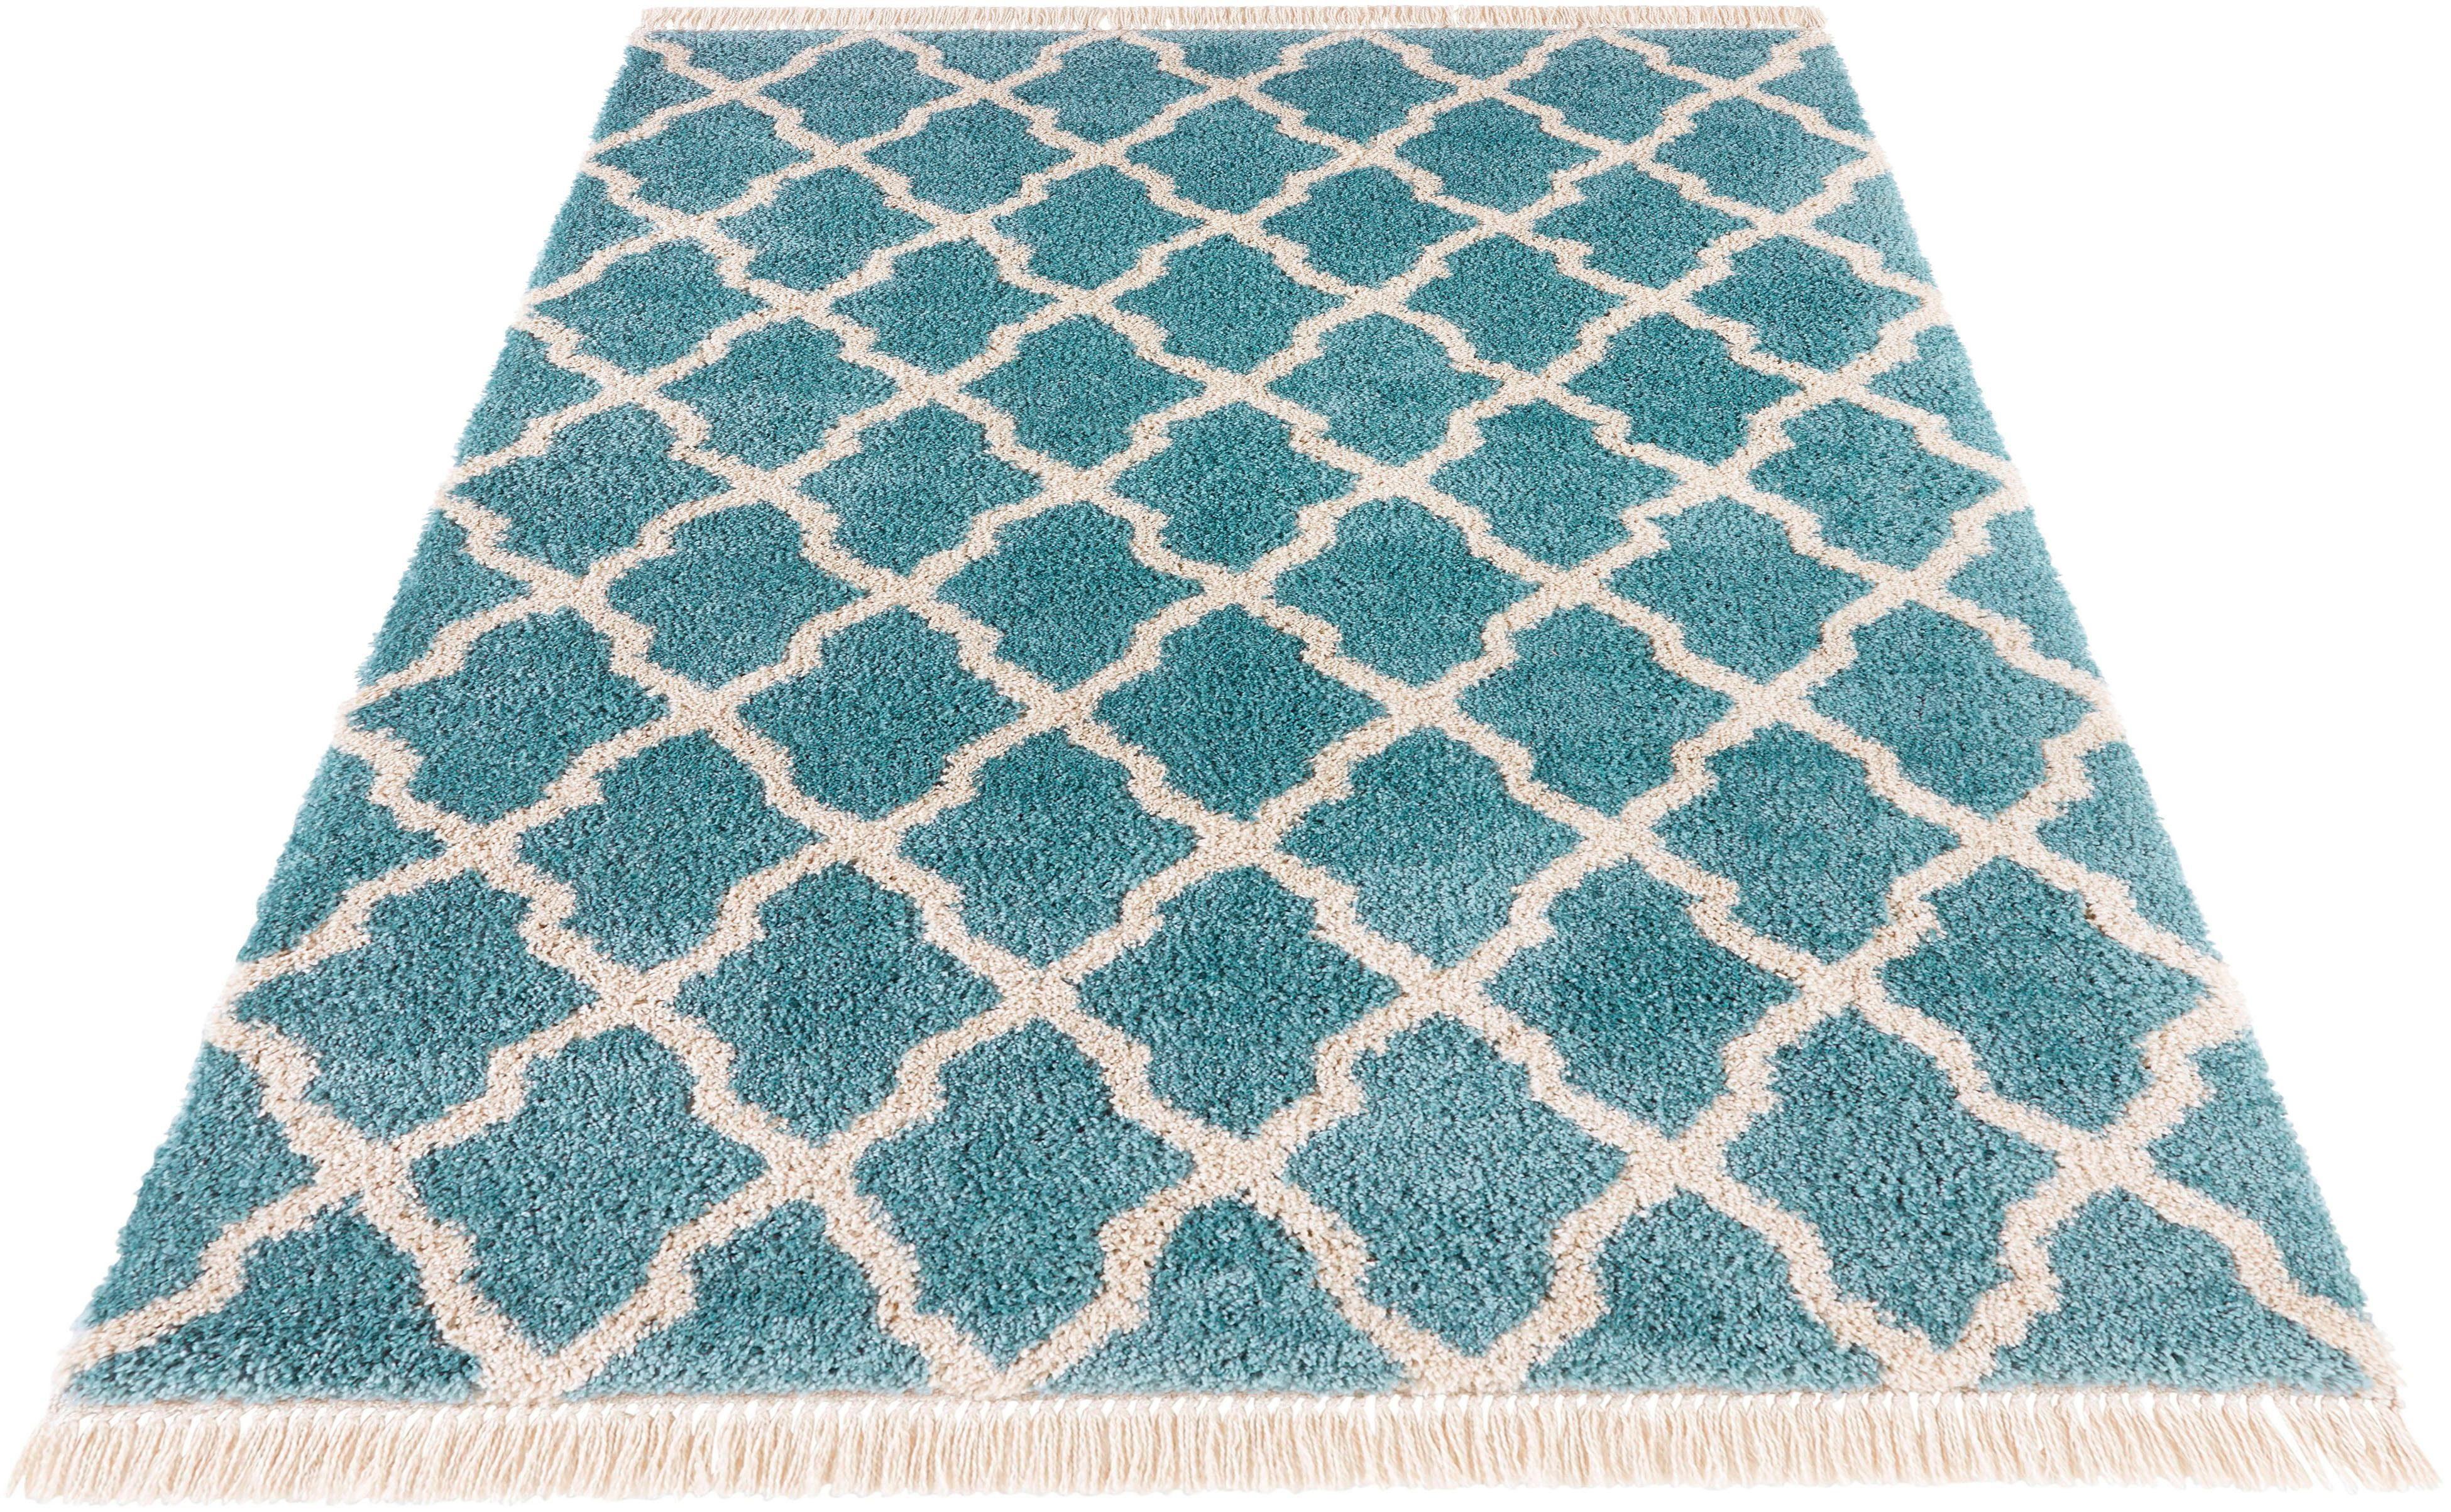 Hochflor-Teppich Pearl MINT RUGS rechteckig Höhe 35 mm maschinell gewebt